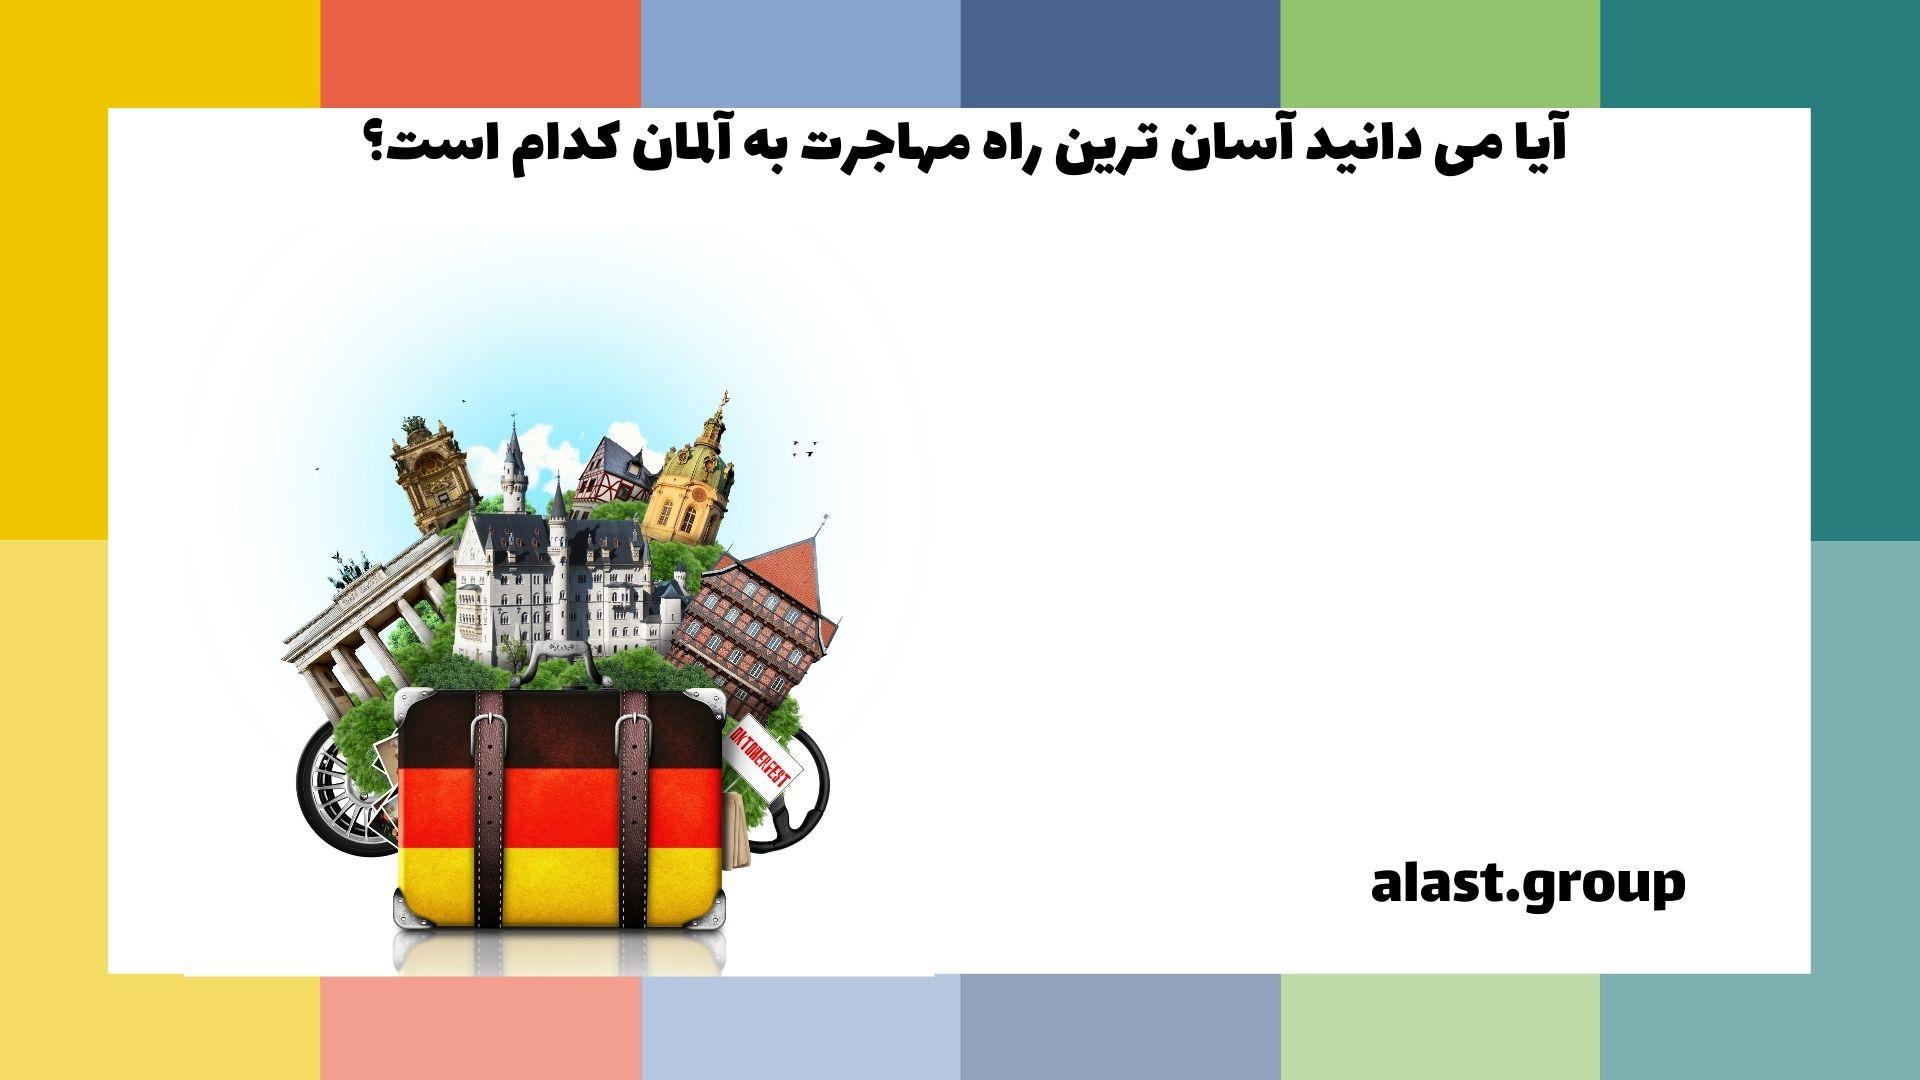 آیا می دانید آسان ترین راه مهاجرت به آلمان کدام است؟